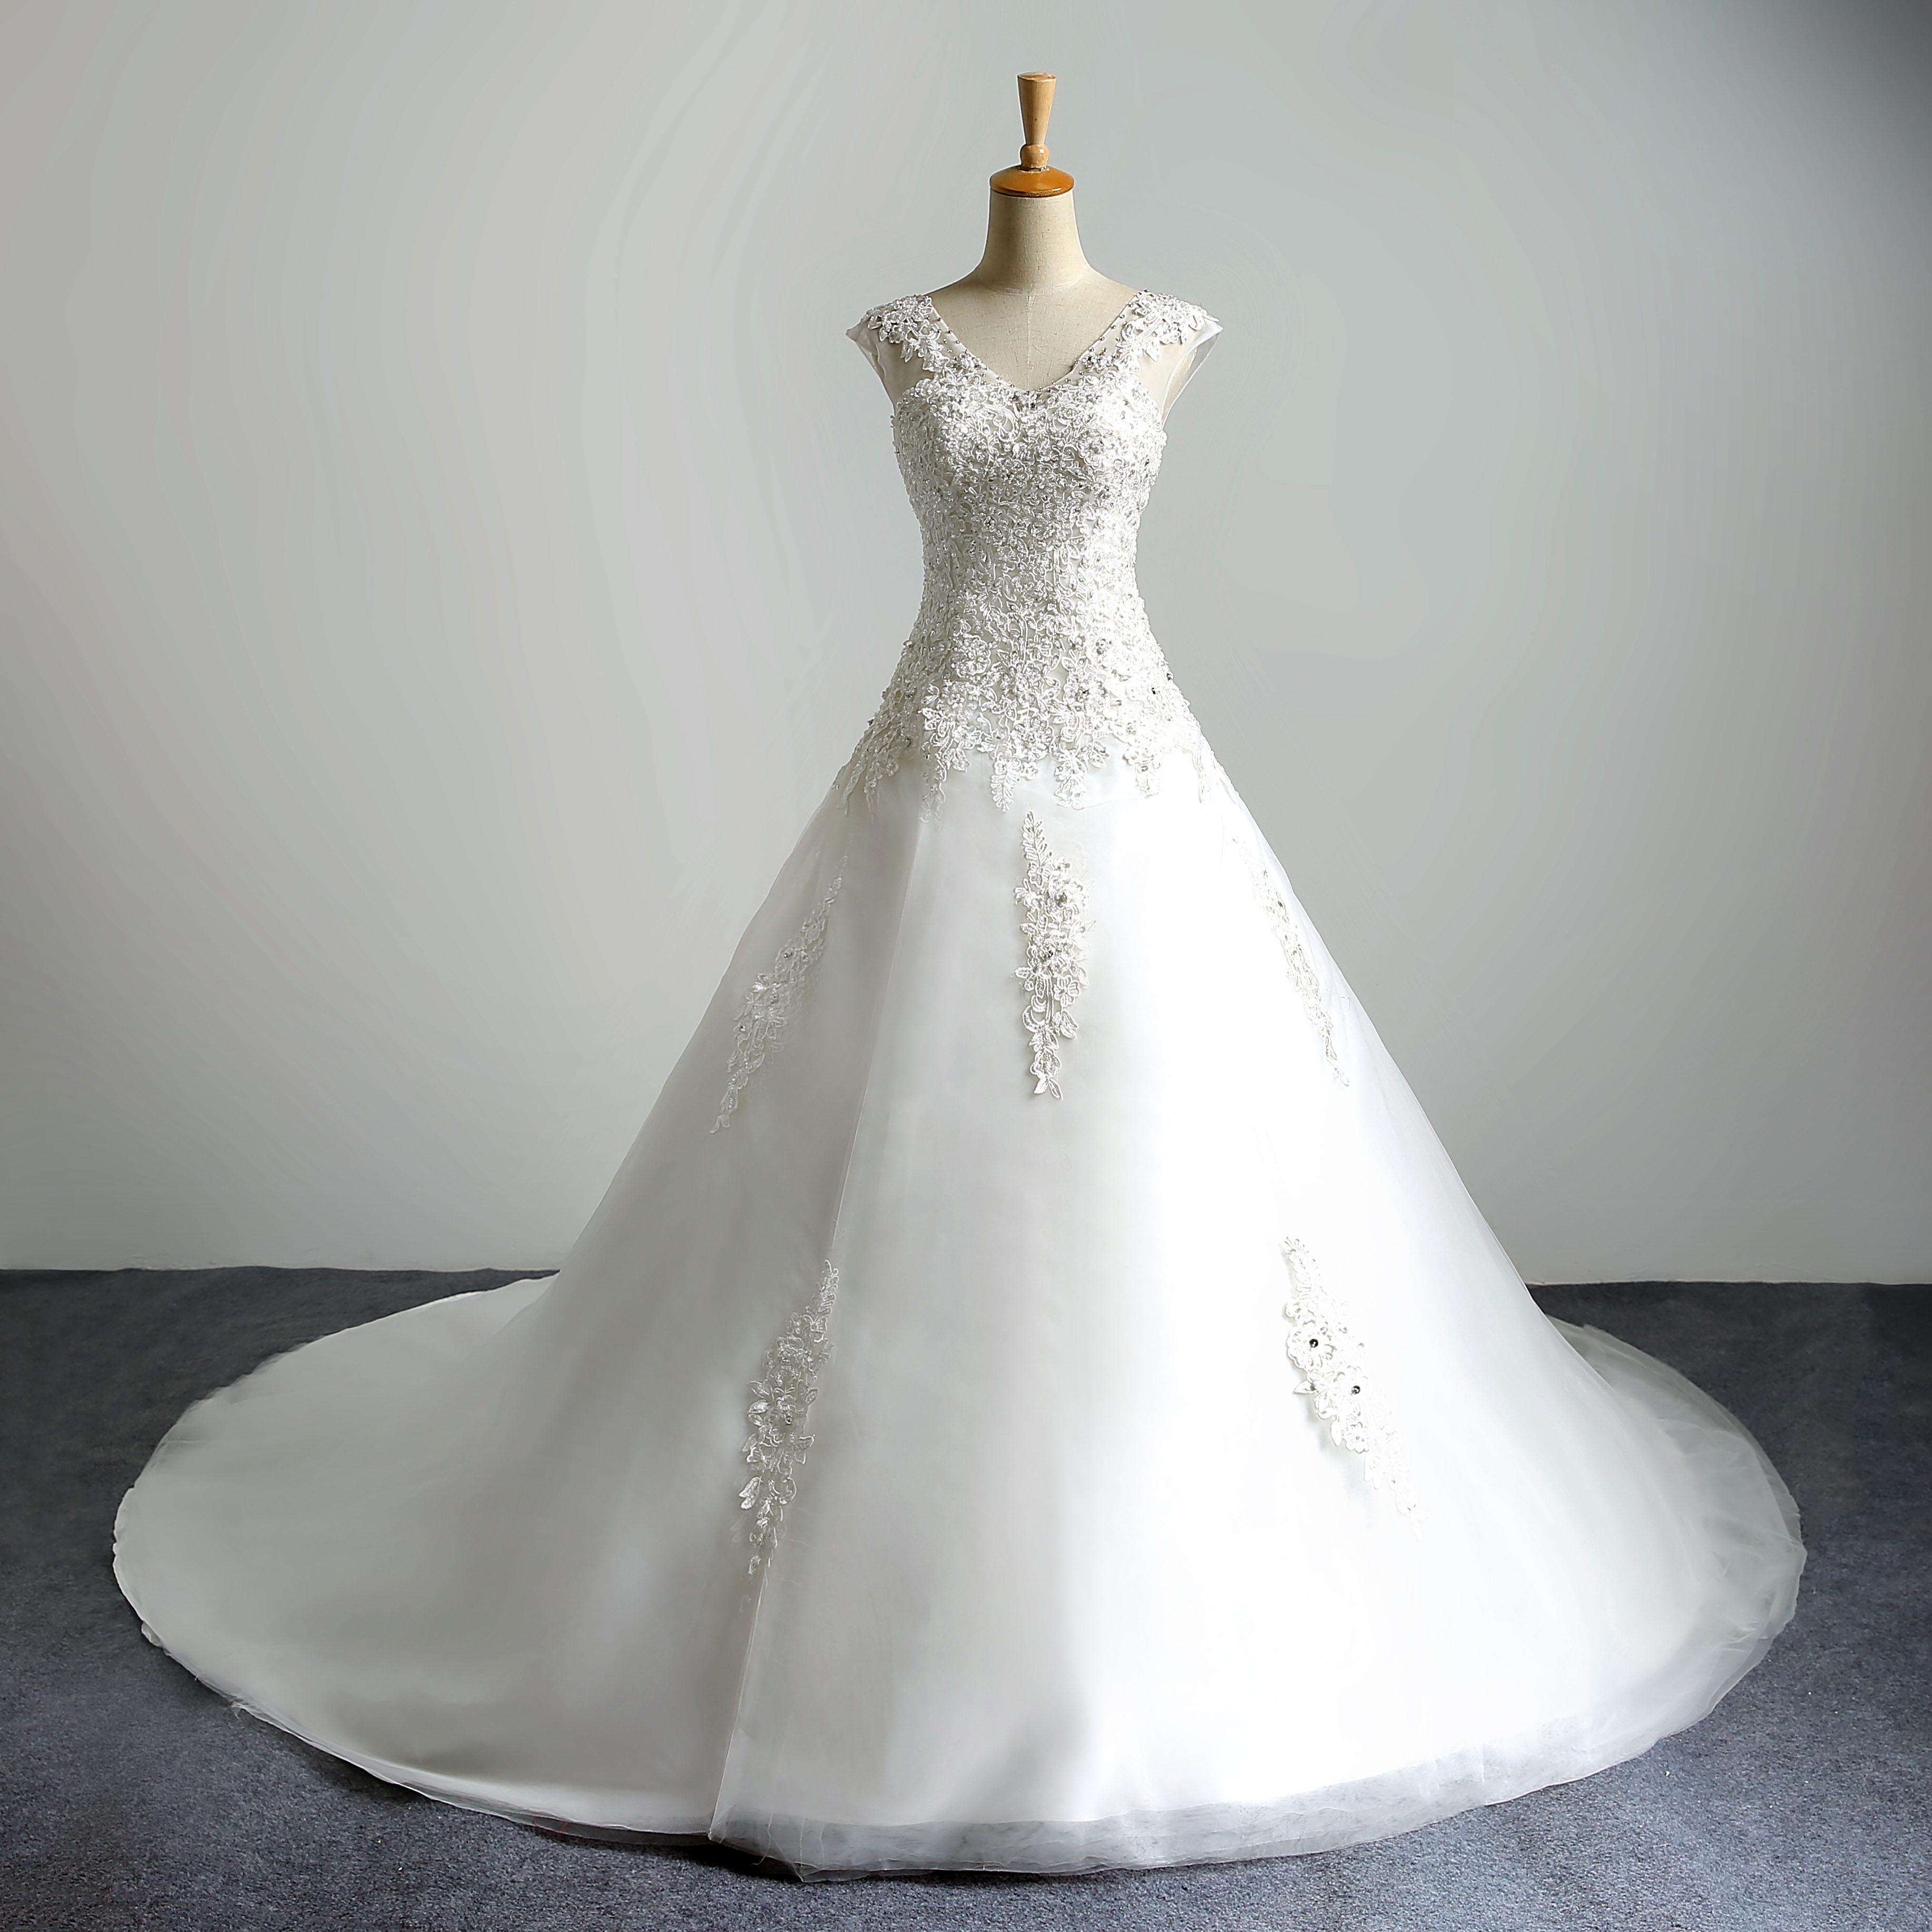 新款韩版婚纱礼服新娘简约双肩婚纱齐地小拖尾显瘦双肩韩式蓬蓬裙